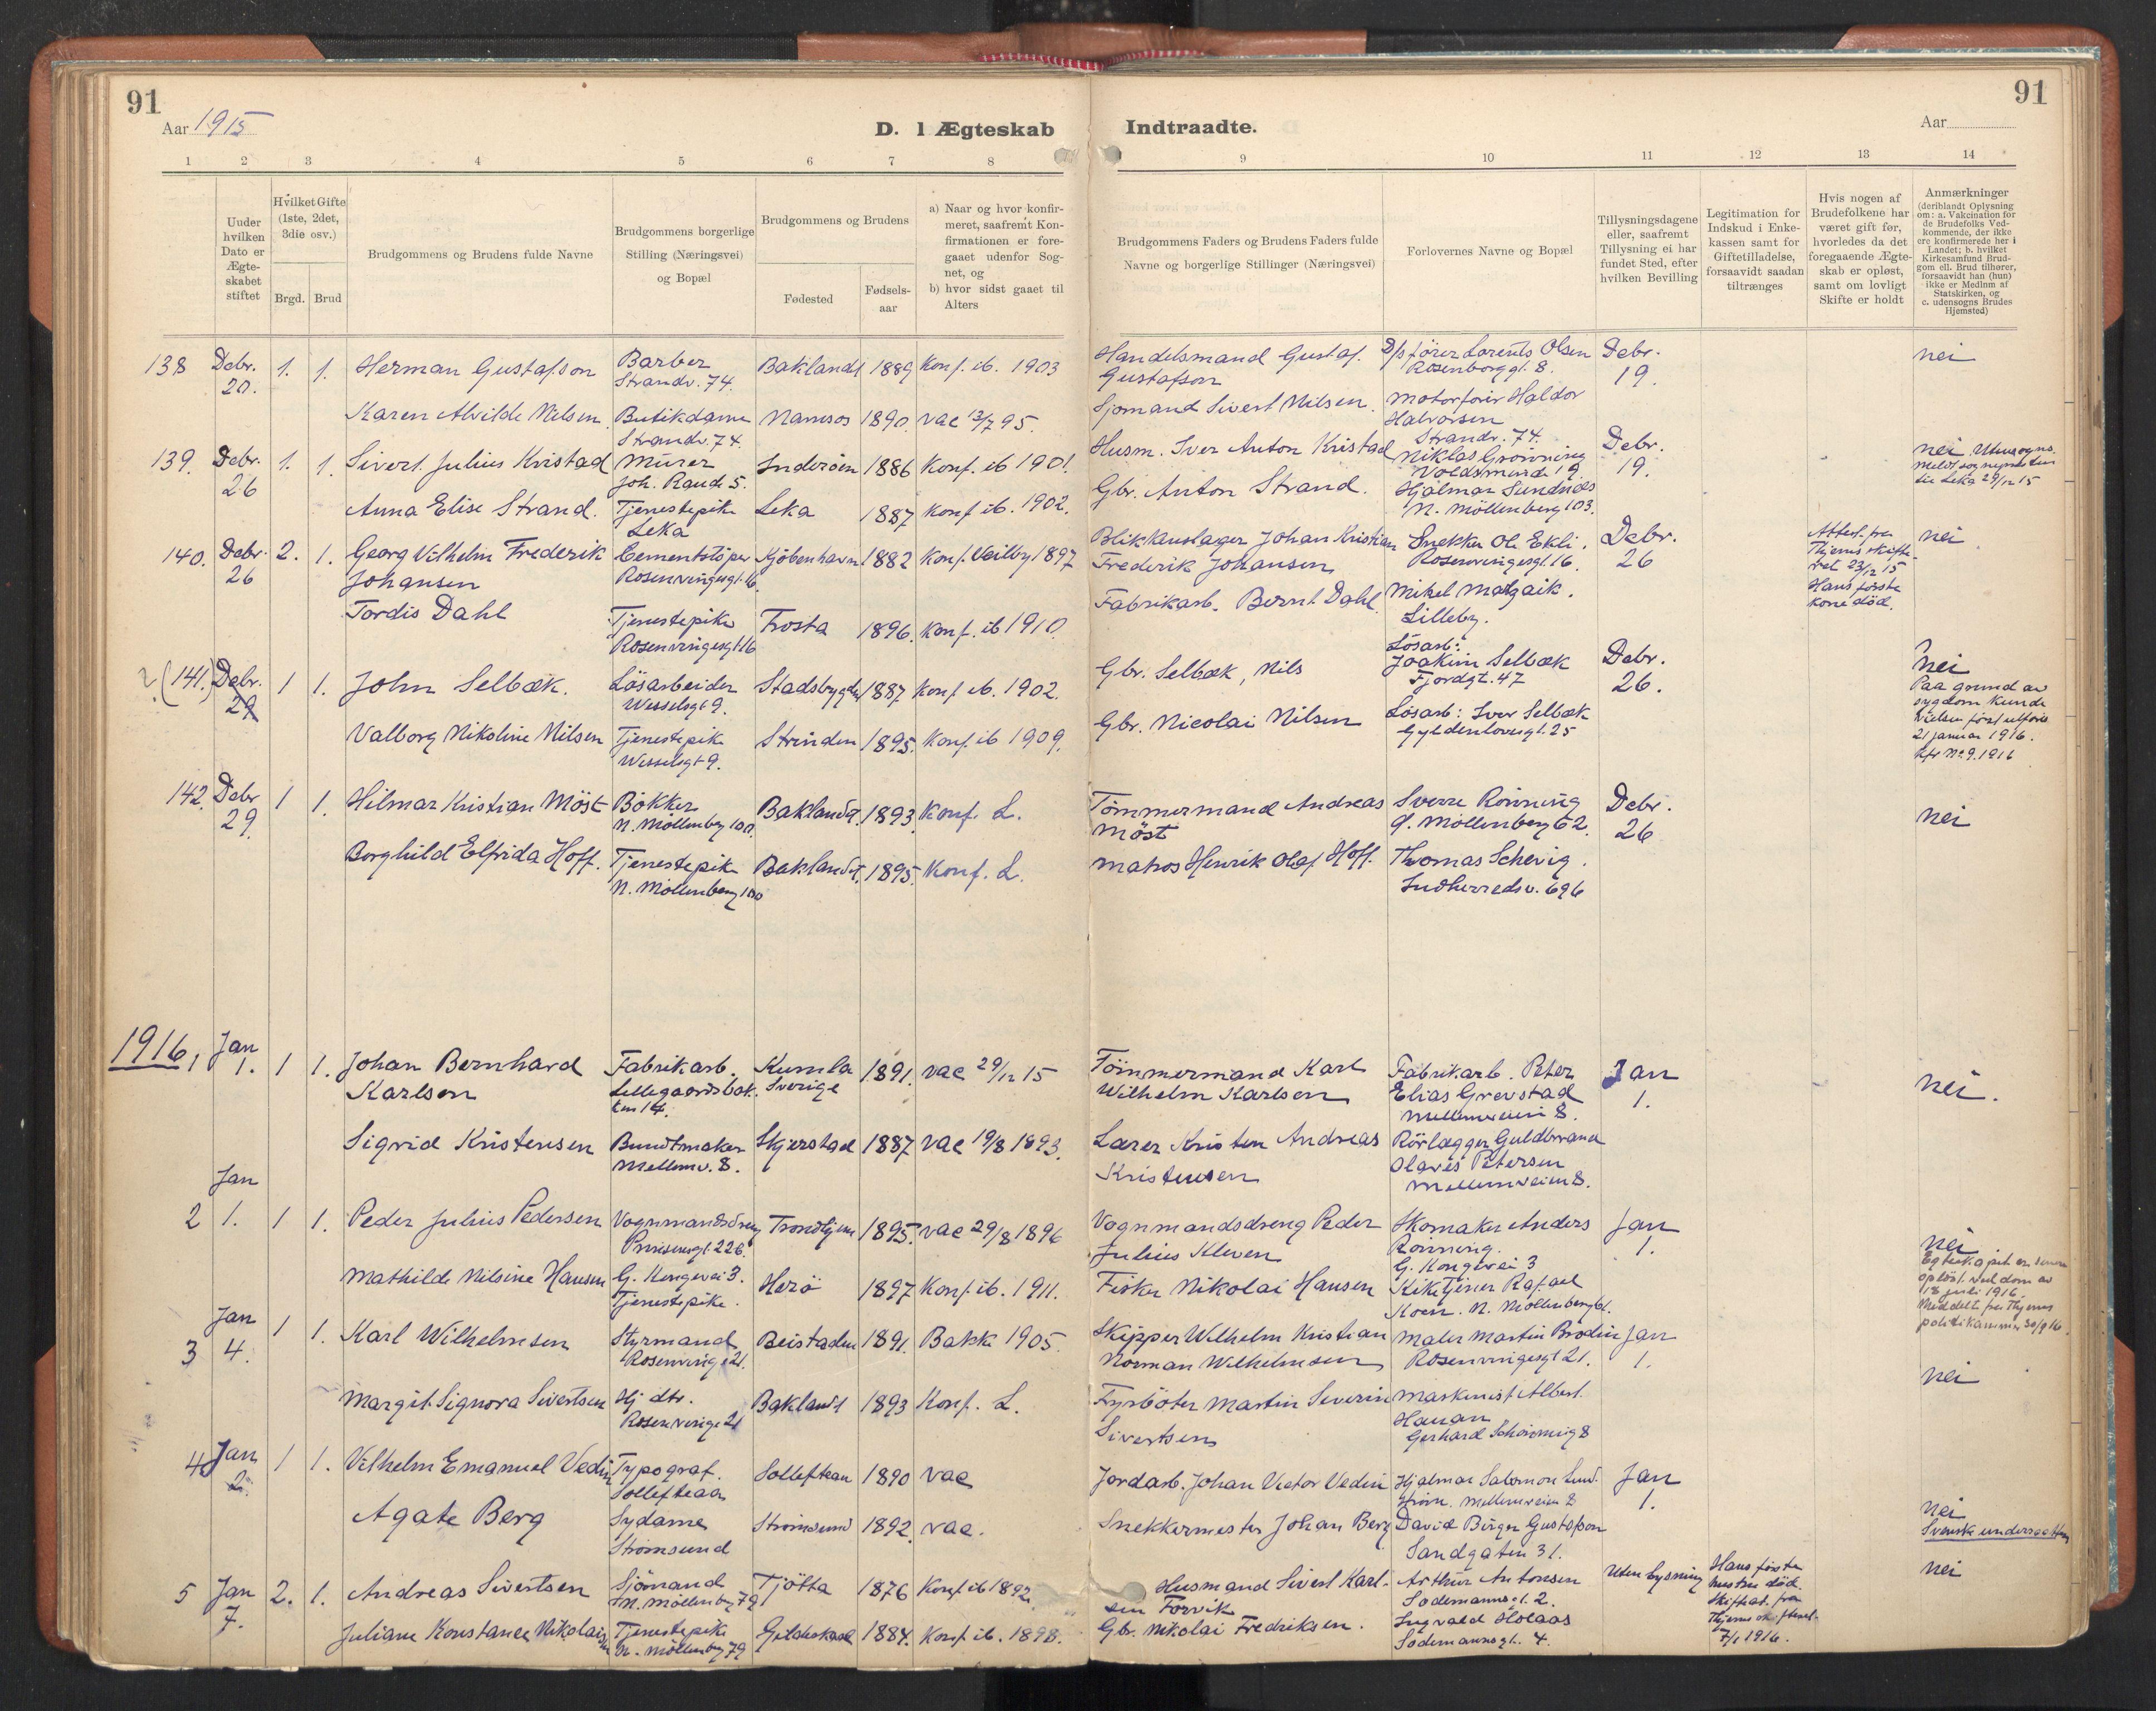 SAT, Ministerialprotokoller, klokkerbøker og fødselsregistre - Sør-Trøndelag, 605/L0244: Ministerialbok nr. 605A06, 1908-1954, s. 91